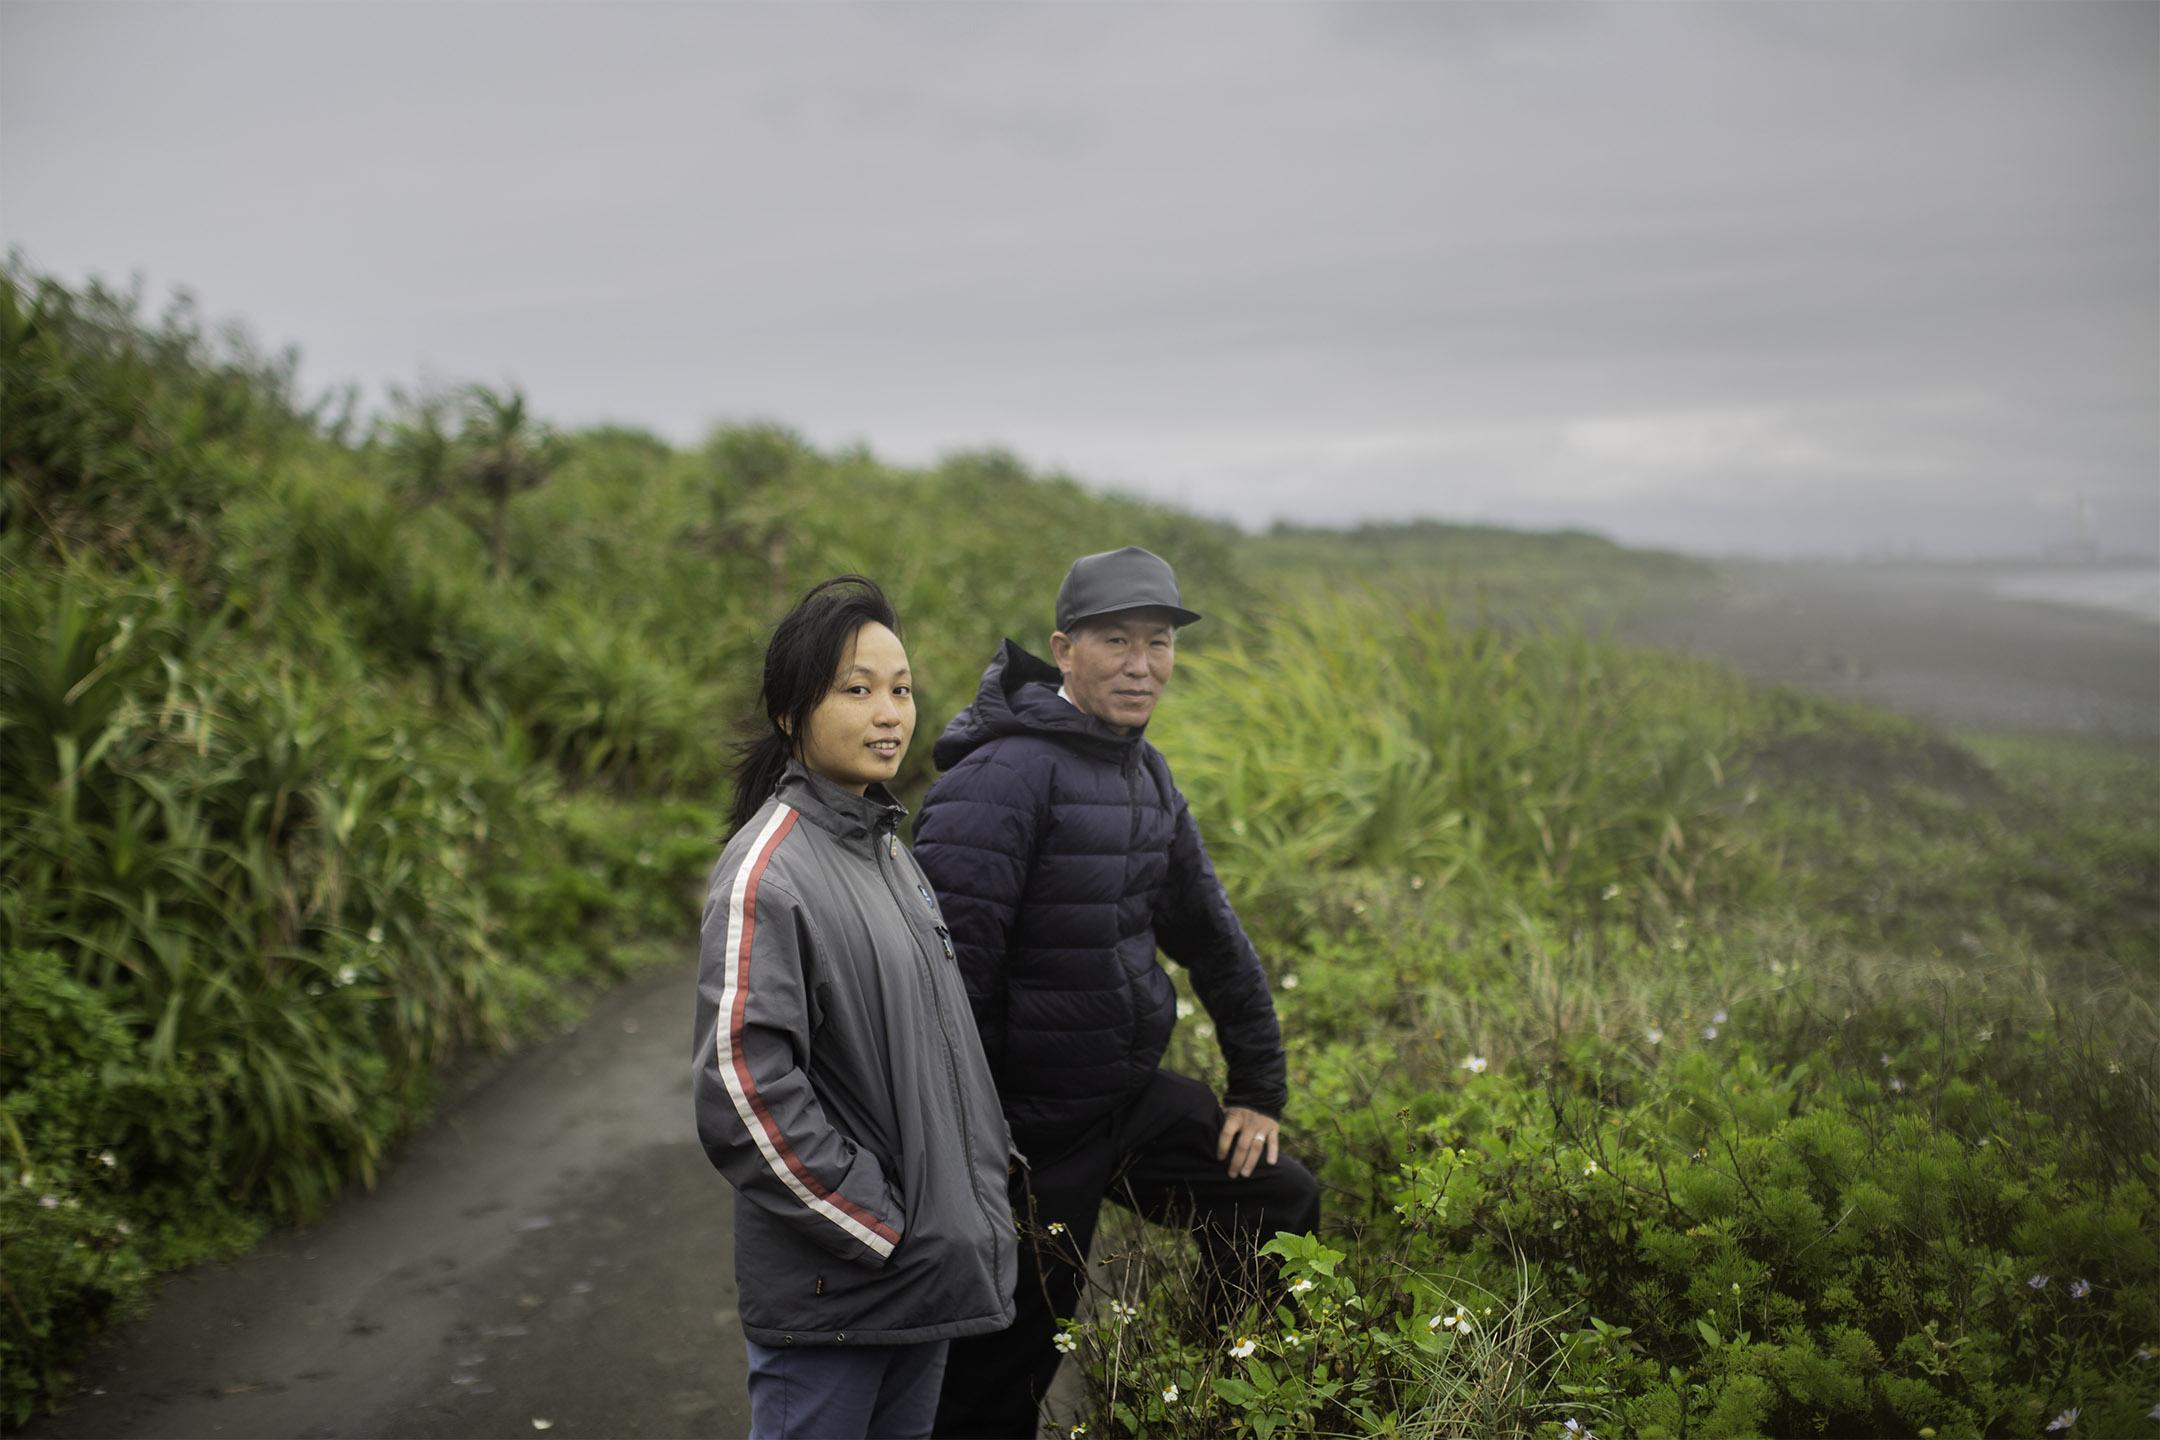 張家昀和山野人在宜蘭海岸尋花。 攝:陳焯煇/端傳媒